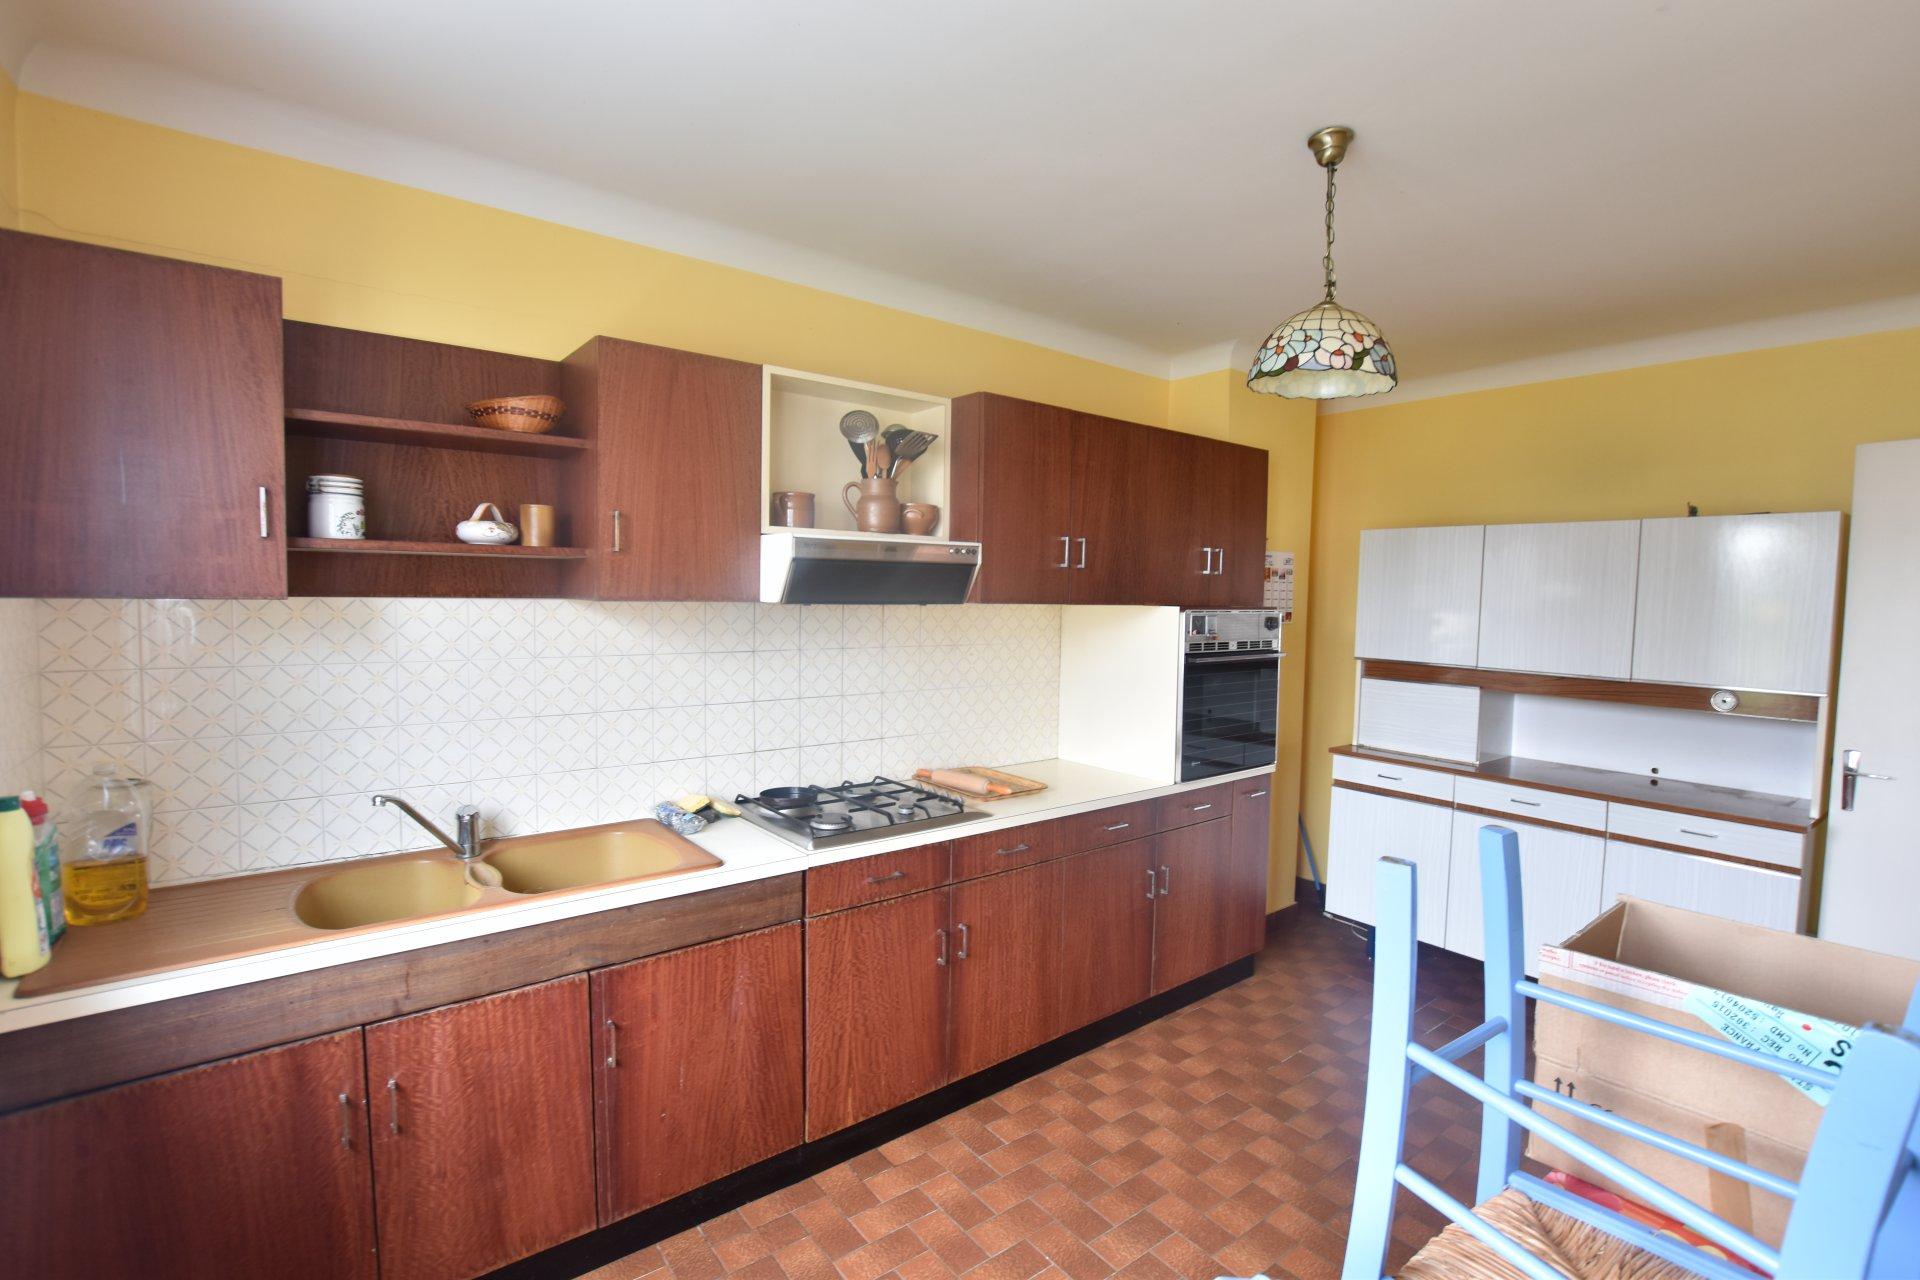 vente maison saint nazaire 44600 maguy immobilier. Black Bedroom Furniture Sets. Home Design Ideas